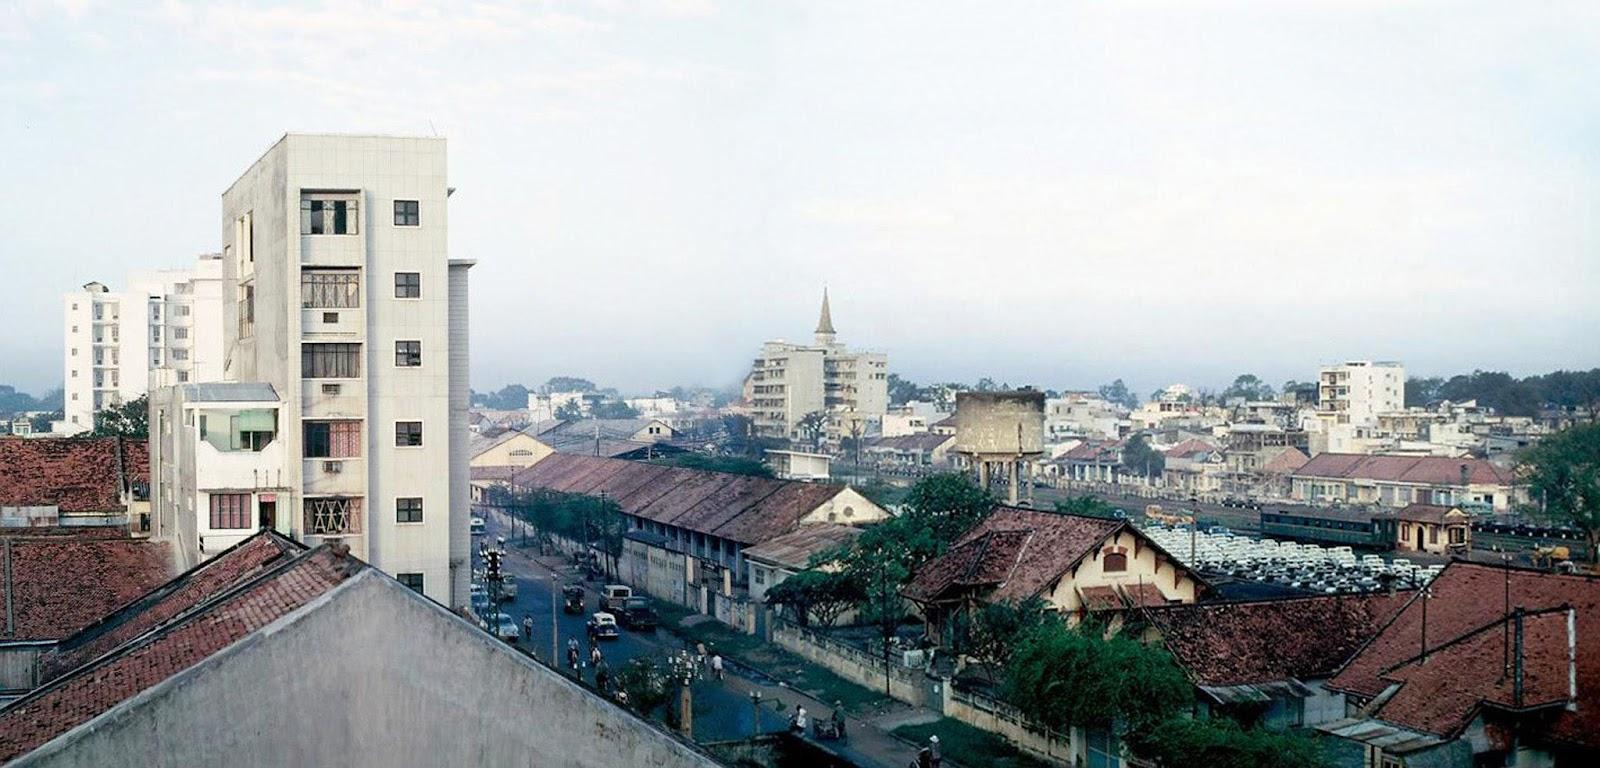 60 tấm ảnh màu đẹp nhất của đường phố Saigon thập niên 1960-1970 - 42